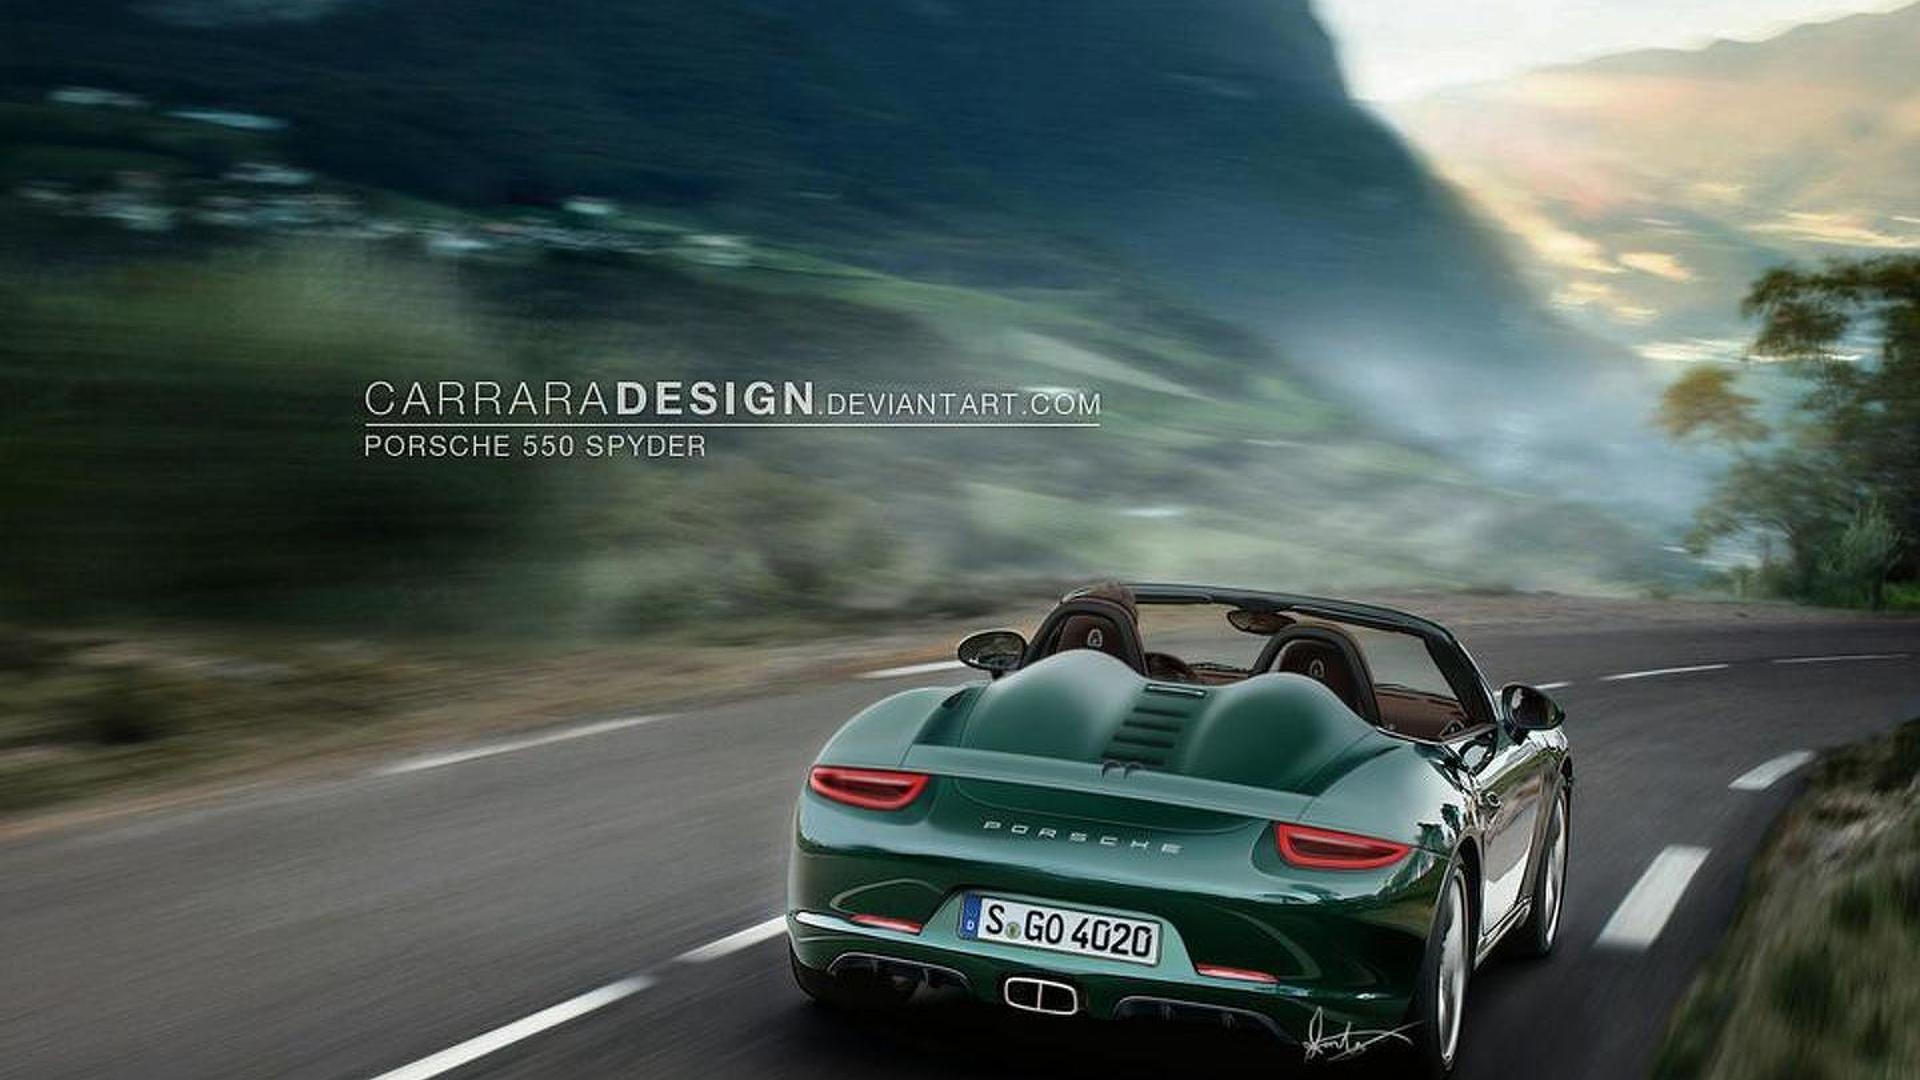 Porsche announces 718 development cancelled